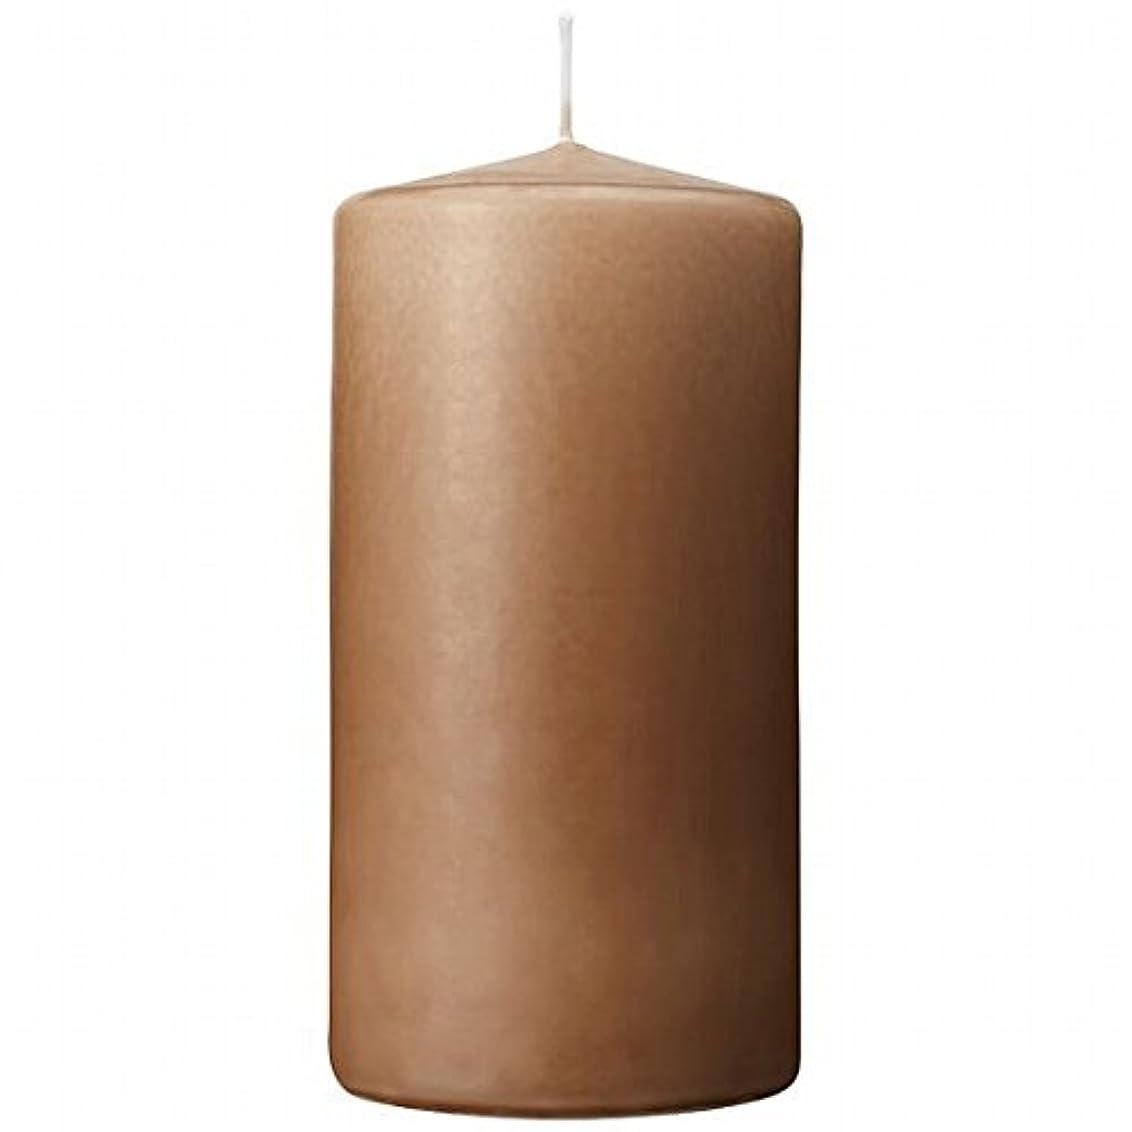 エレメンタル邪悪な帳面カメヤマキャンドル(kameyama candle) 3×6ベルトップピラーキャンドル 「 モカ 」